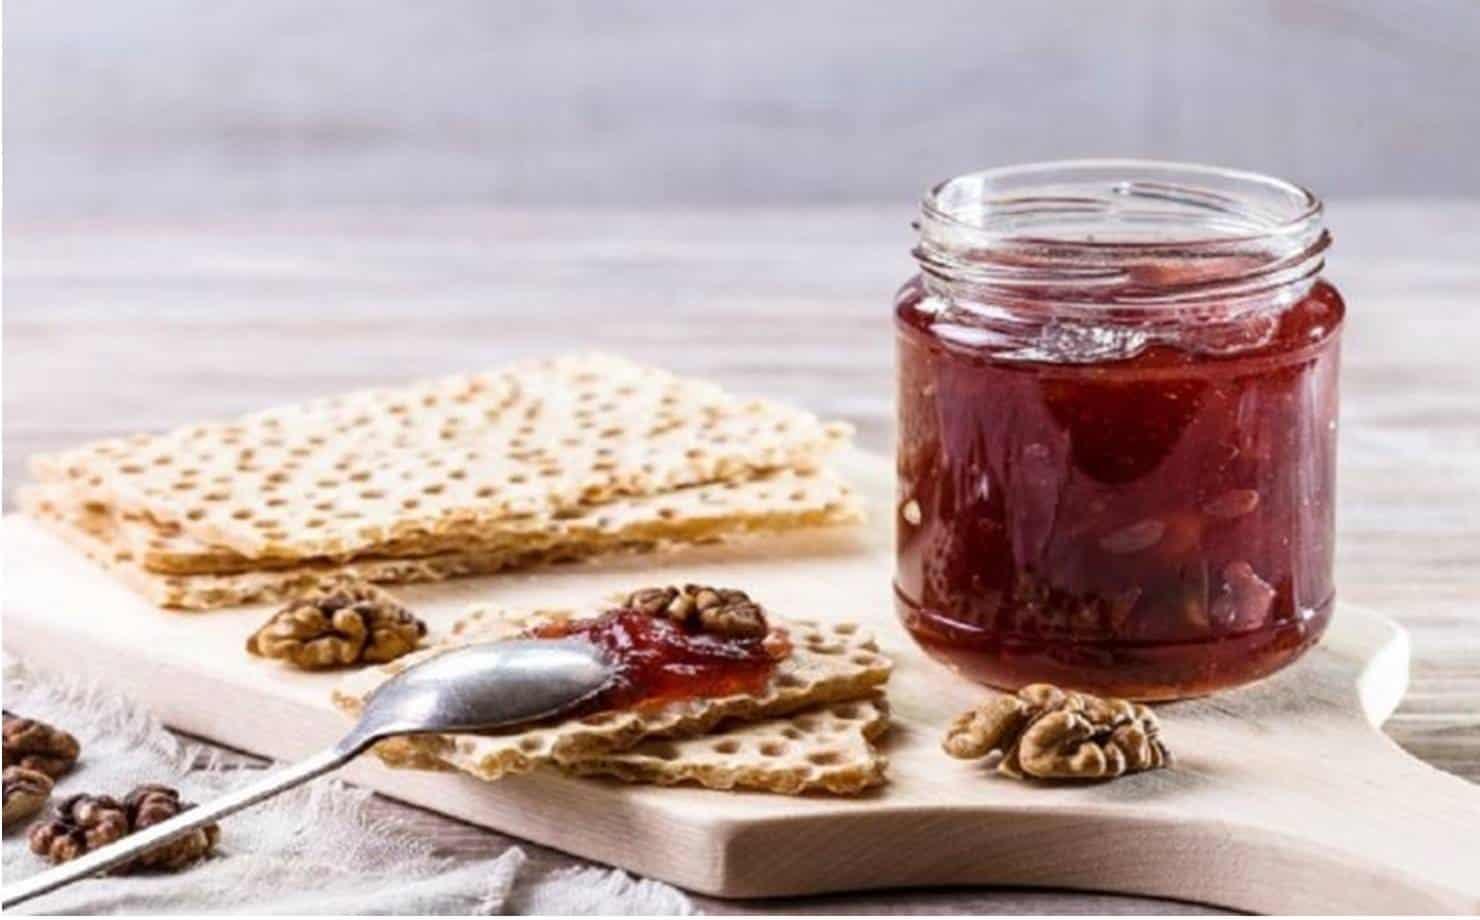 Aprenda a preparar um saboroso doce de morango com maçã e gengibre